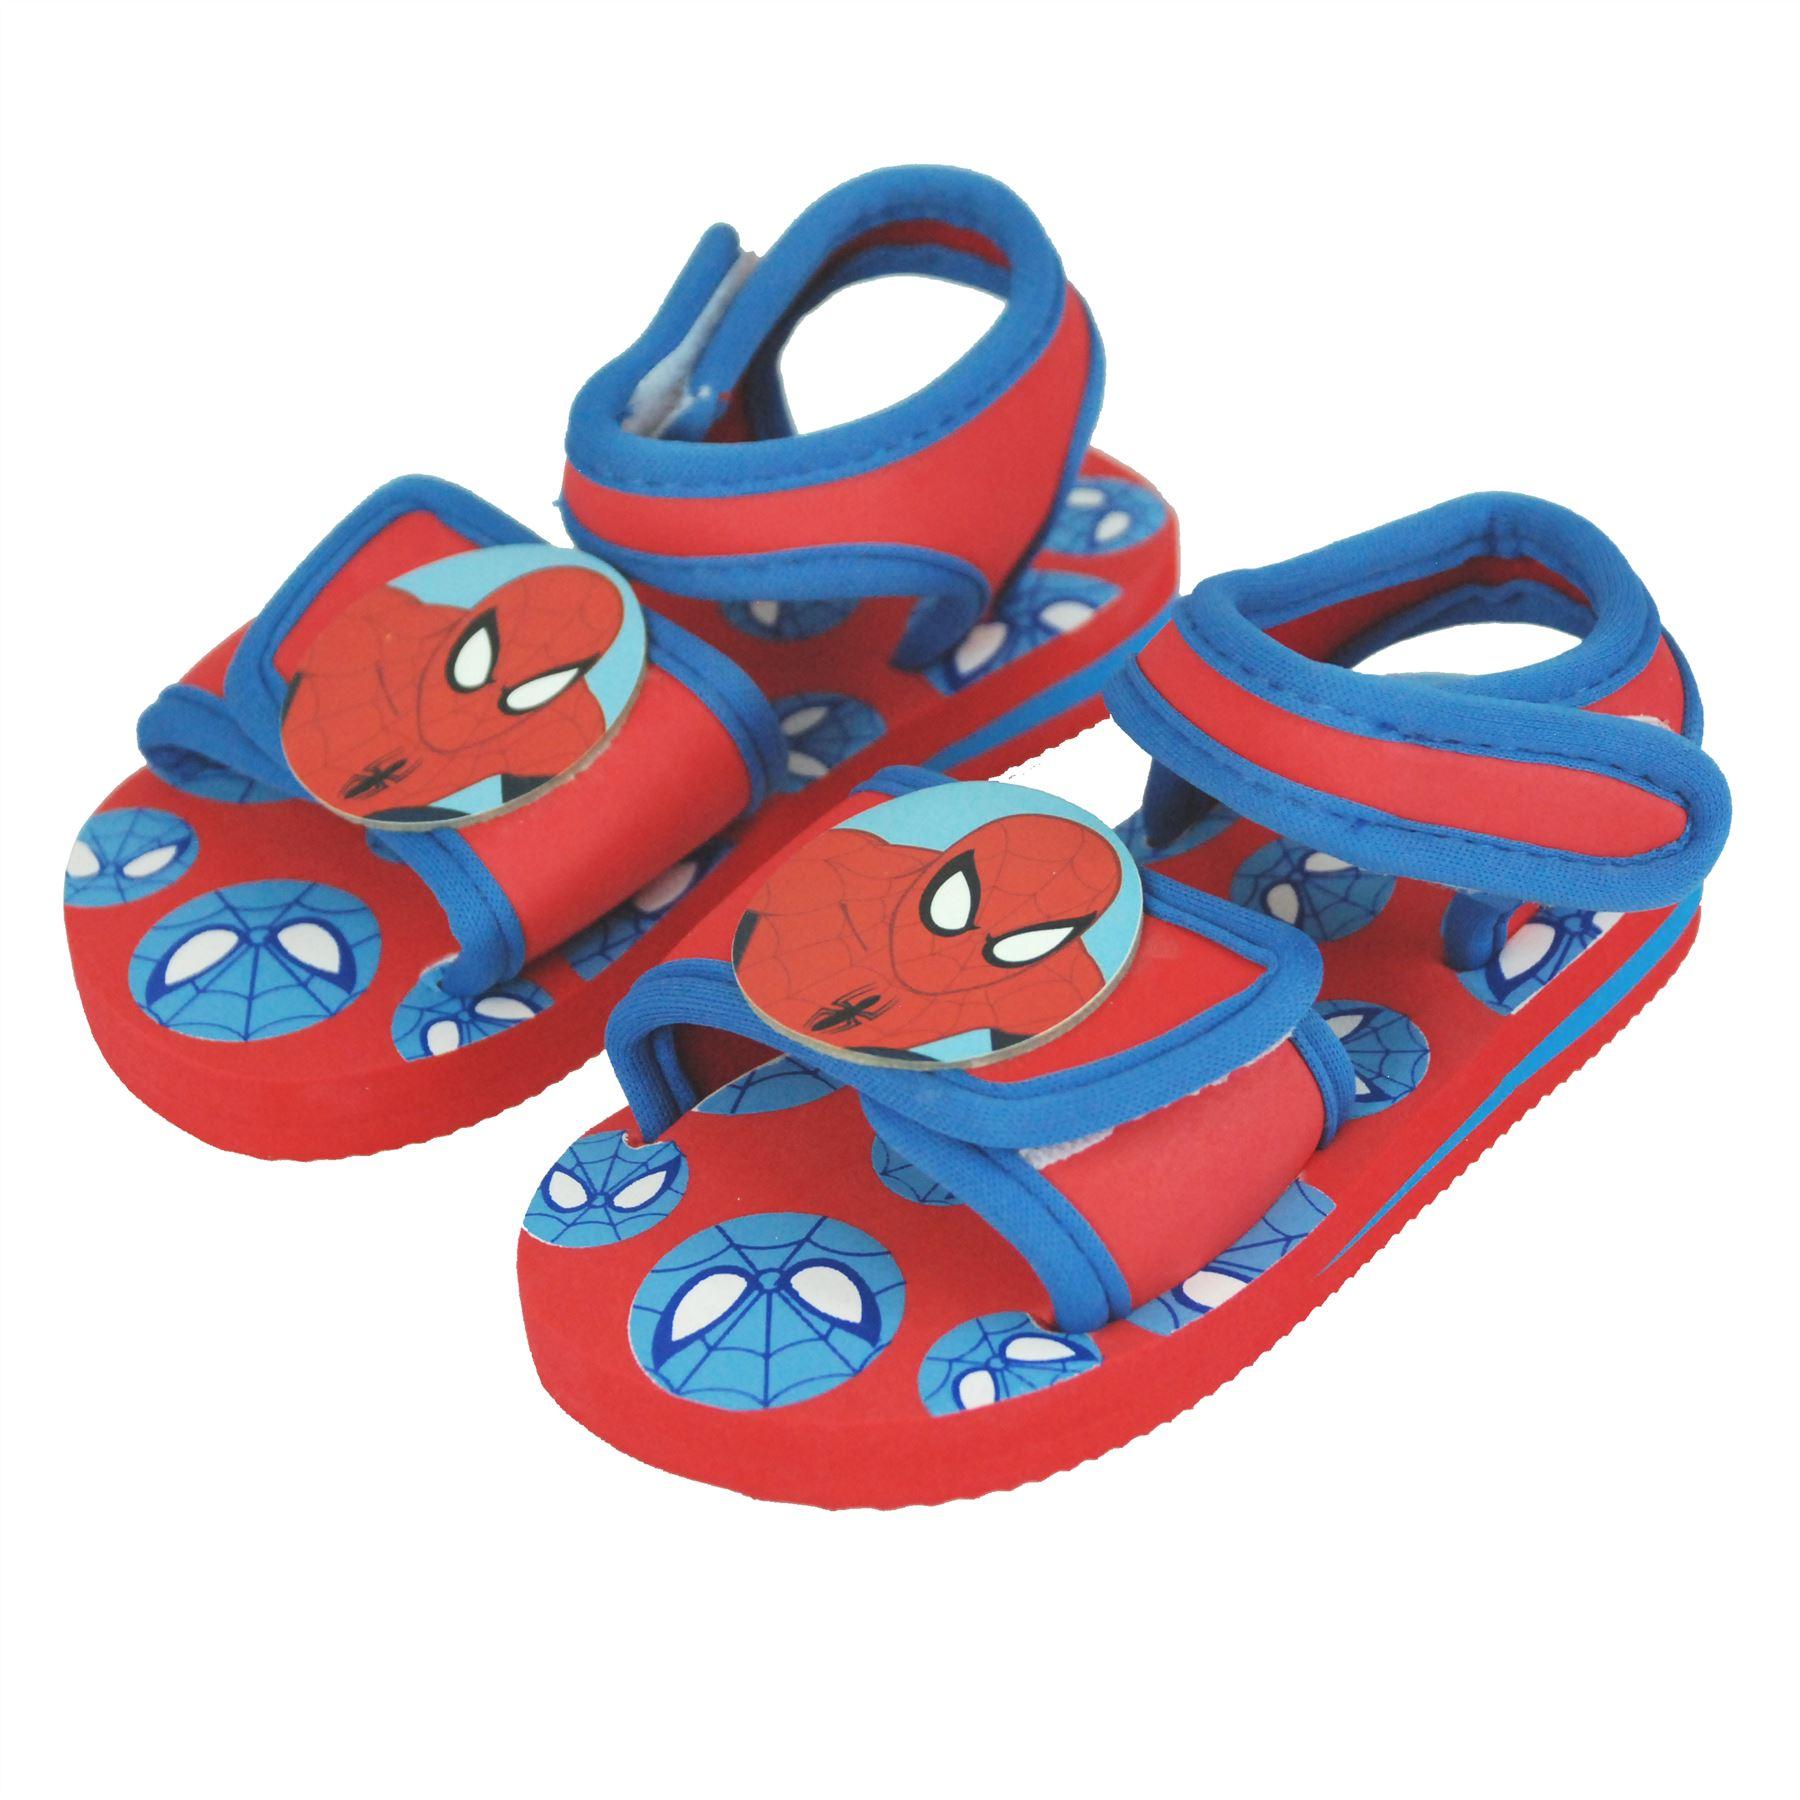 Marvel Spiderman Boys Velcro Walking Sandals Indoor Outdoor Beach